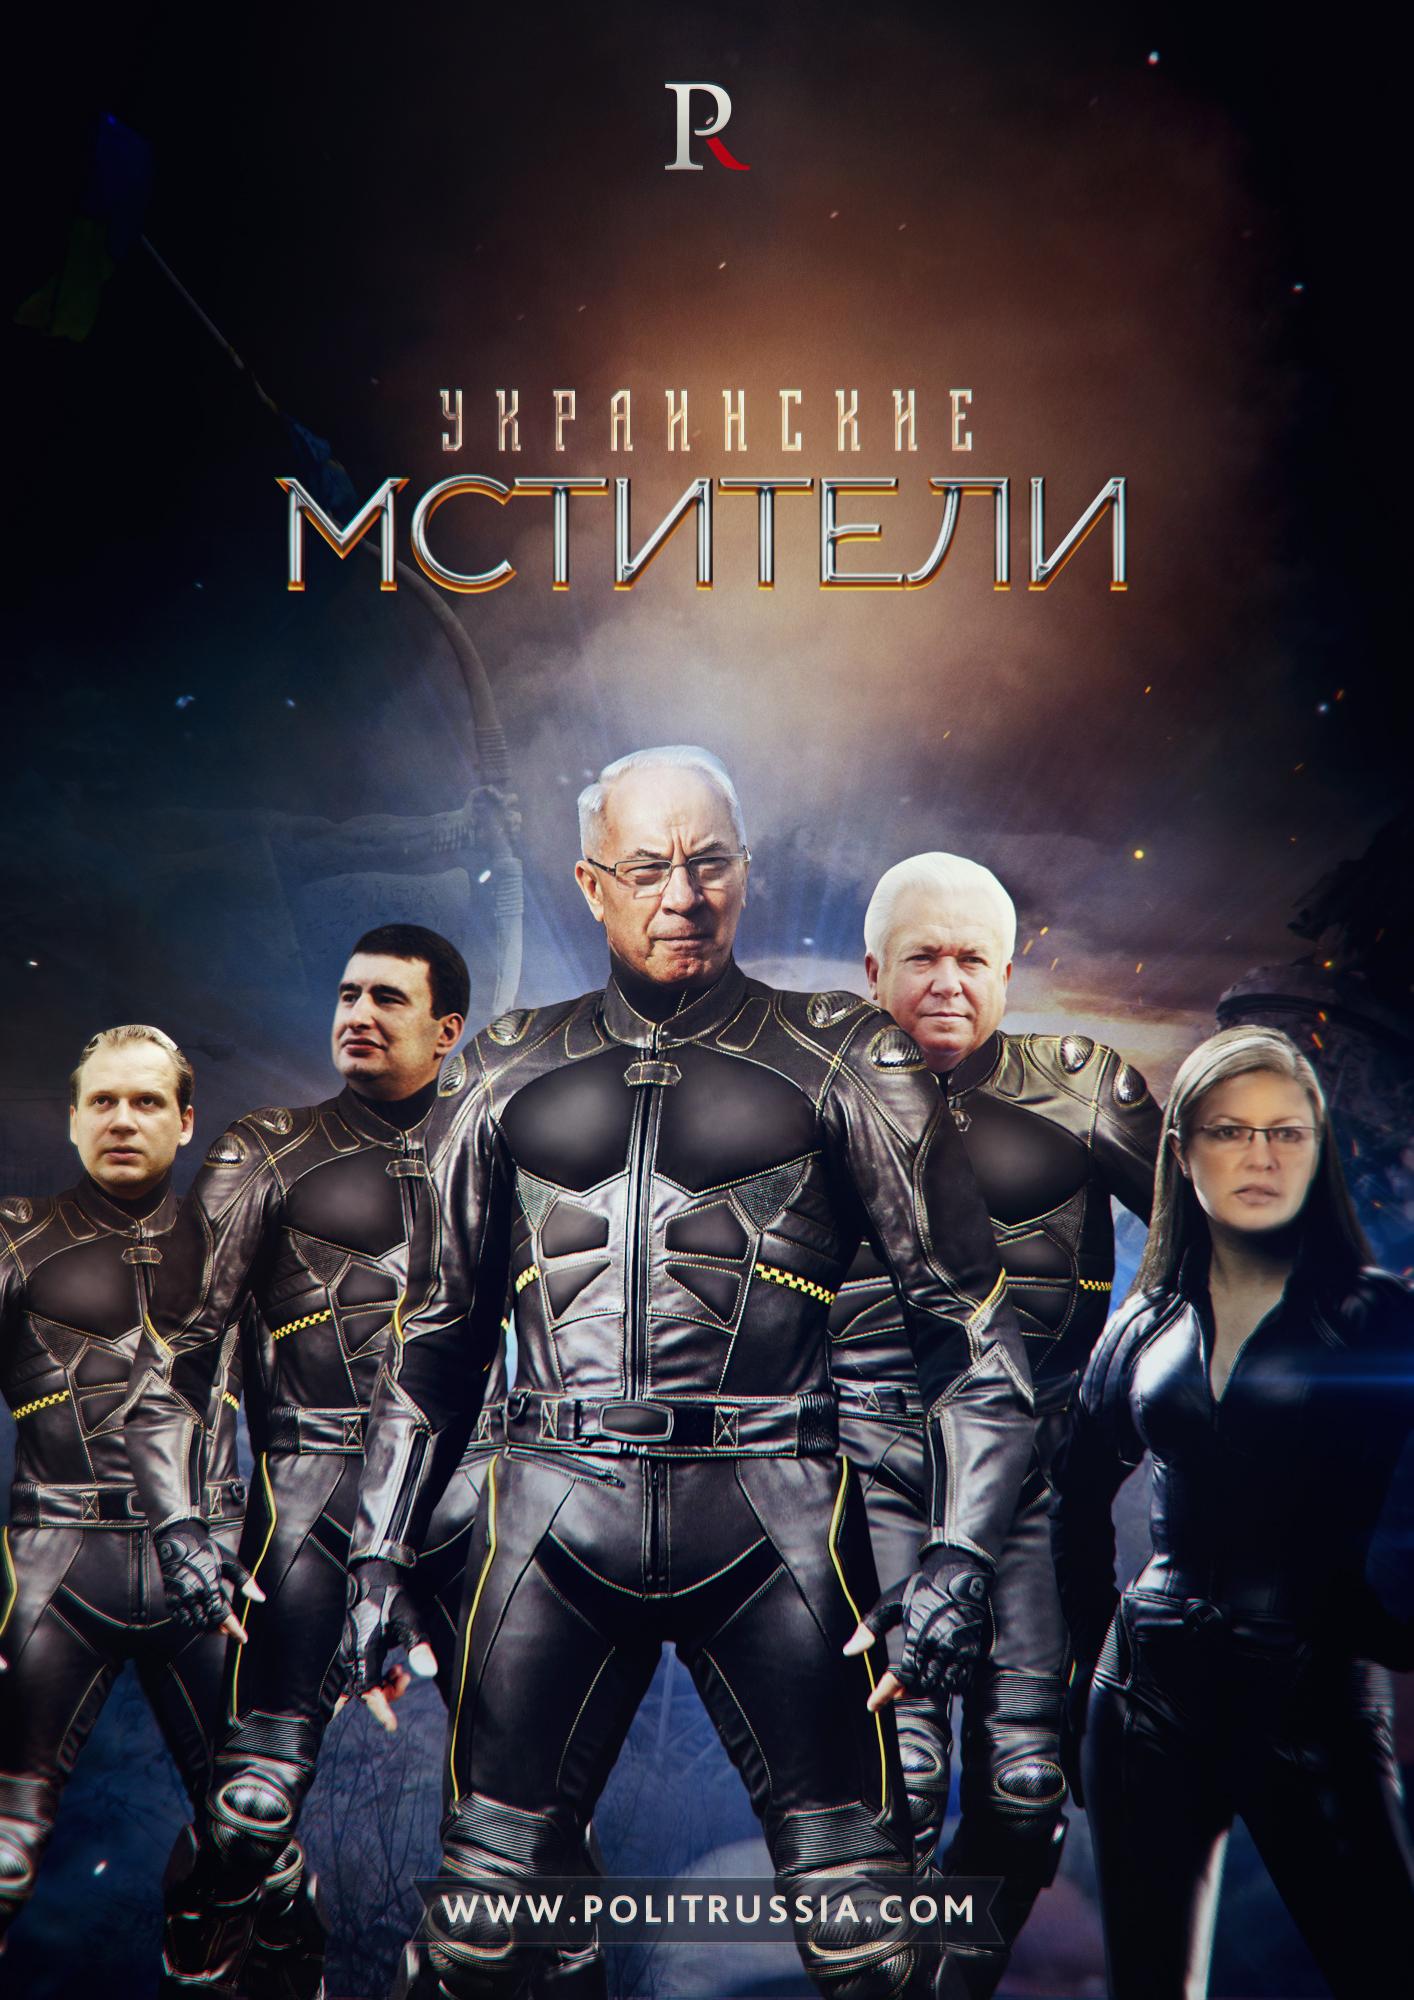 Фильмы студии приват 720 sandra russo онлайн карибские каникулы